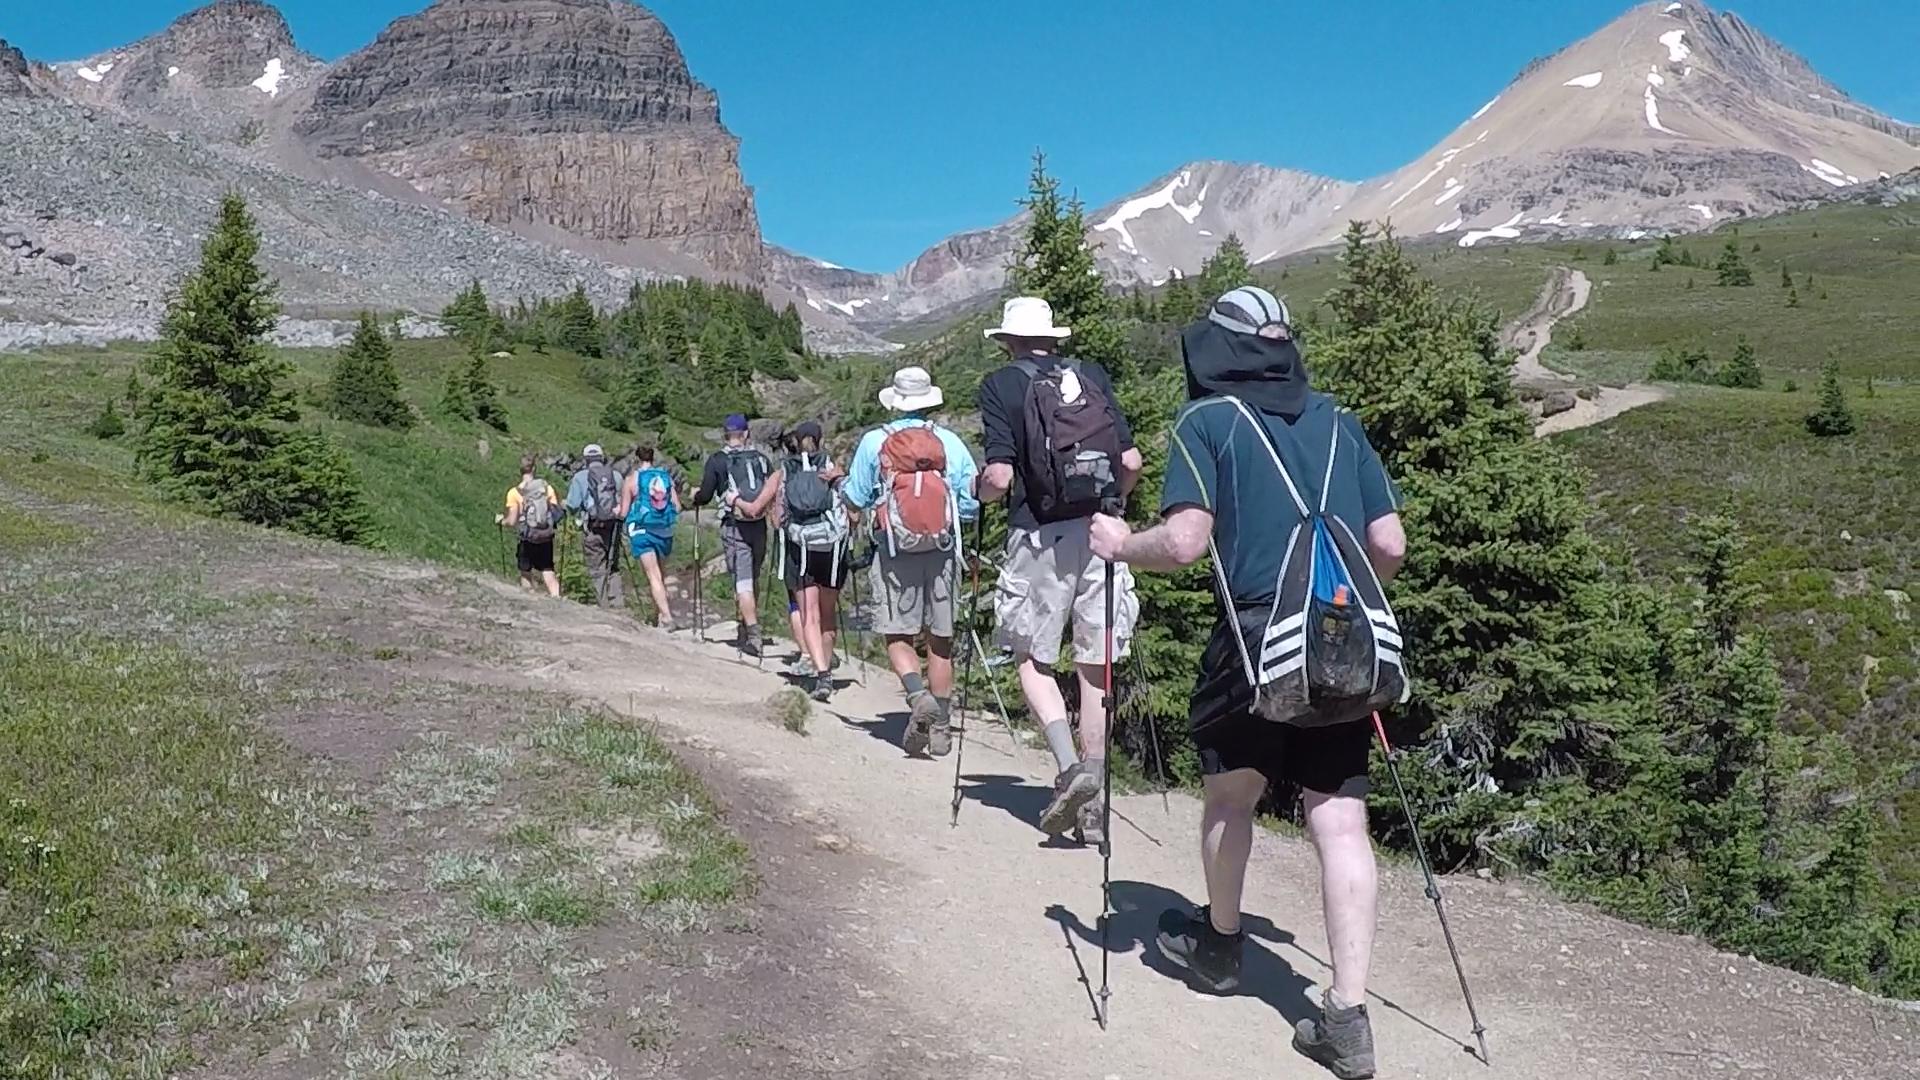 Active travelers enjoy hiking tour near Lake Louise.